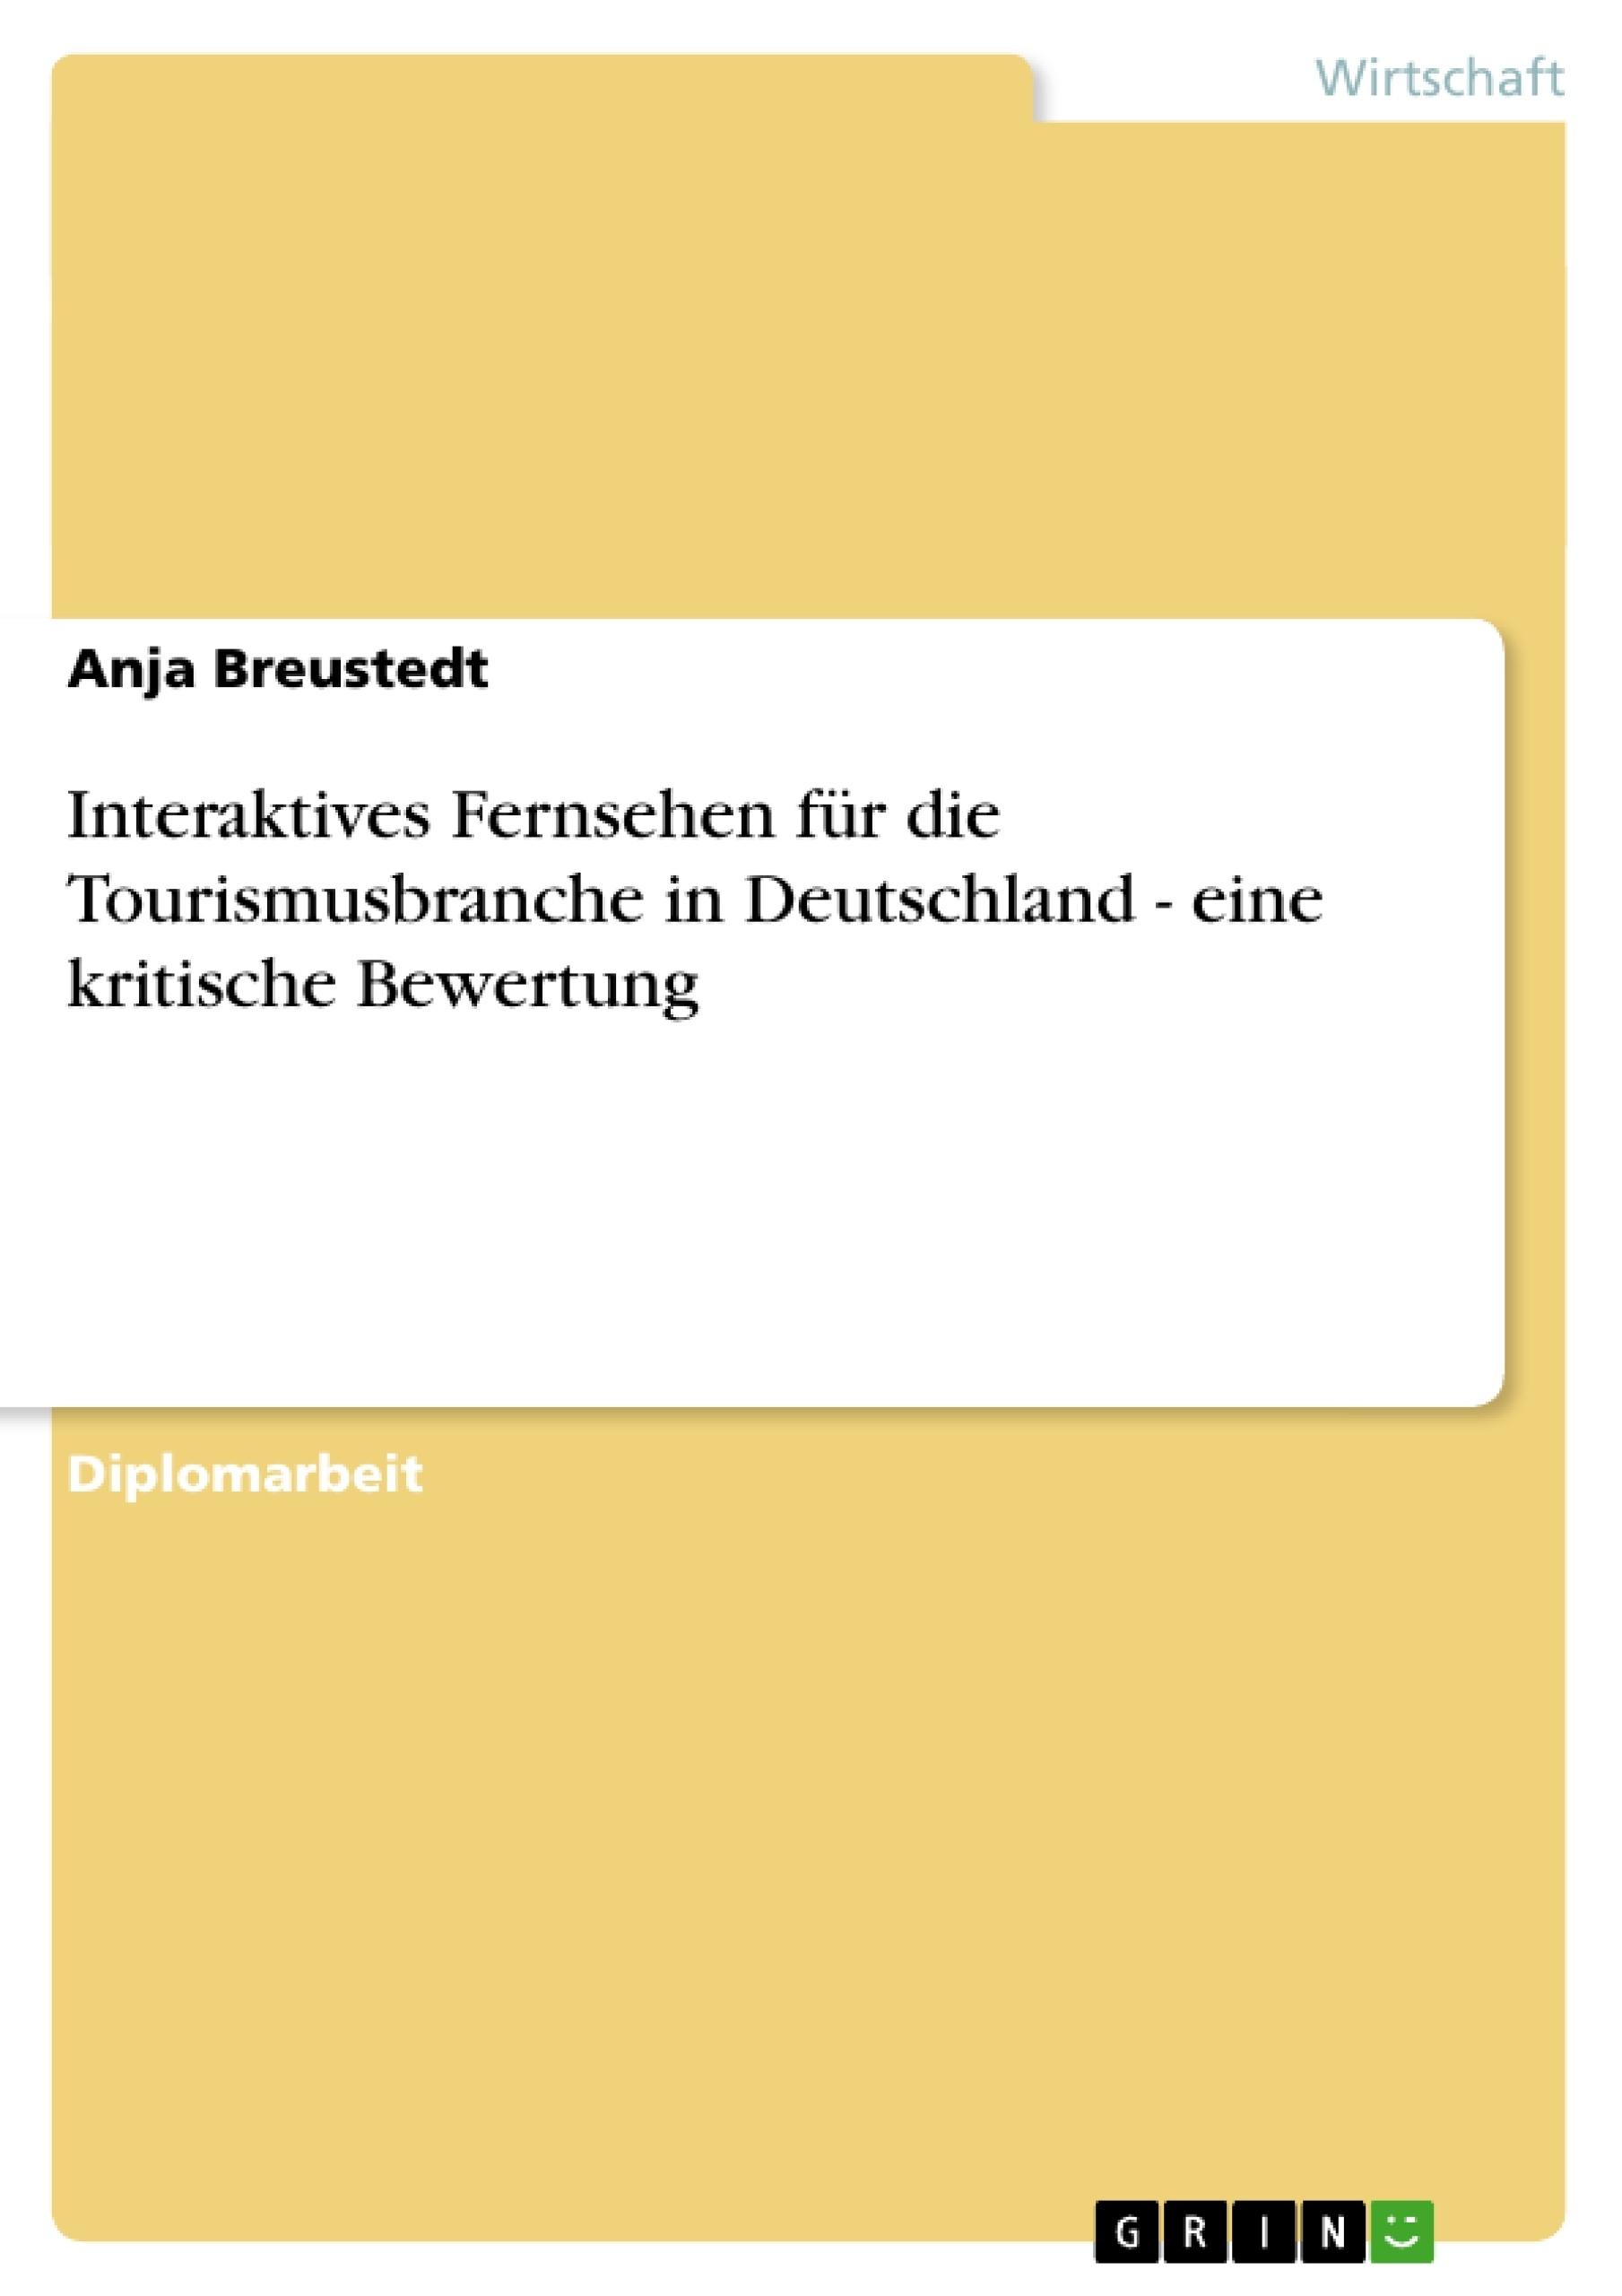 Titel: Interaktives Fernsehen für die Tourismusbranche in Deutschland - eine kritische Bewertung